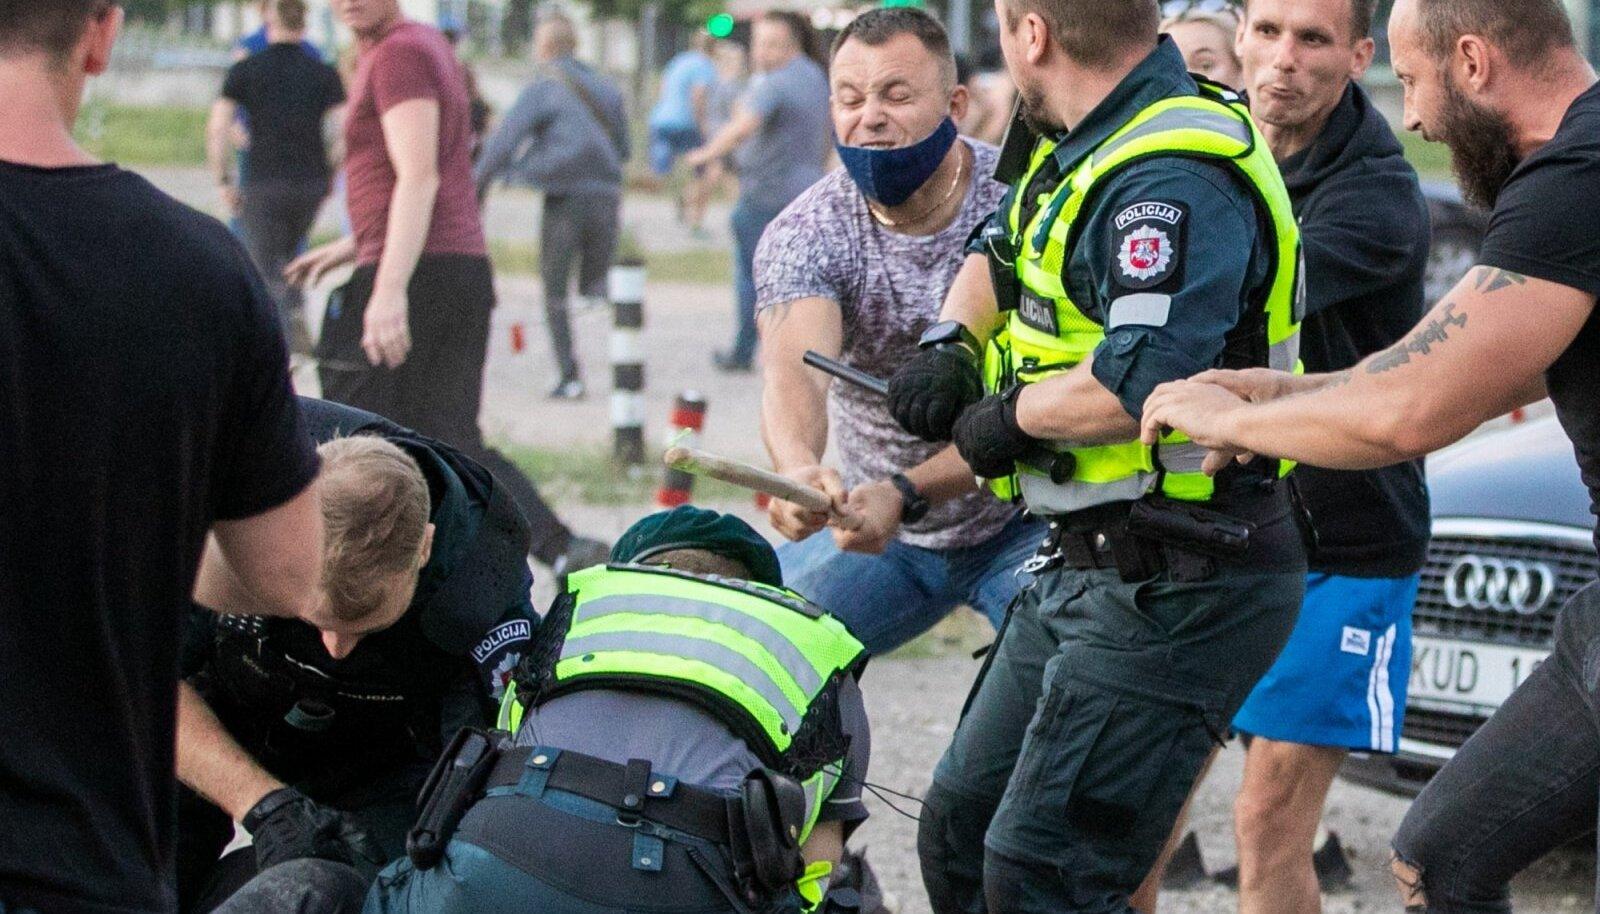 Paarsada meeleavaldajat muutusid teisipäeval Vilniuses politsei vastu agressiivseks. Viimased demonstrandid õnnestus võimudel seimi juurest ära ajada pärast südaööd.